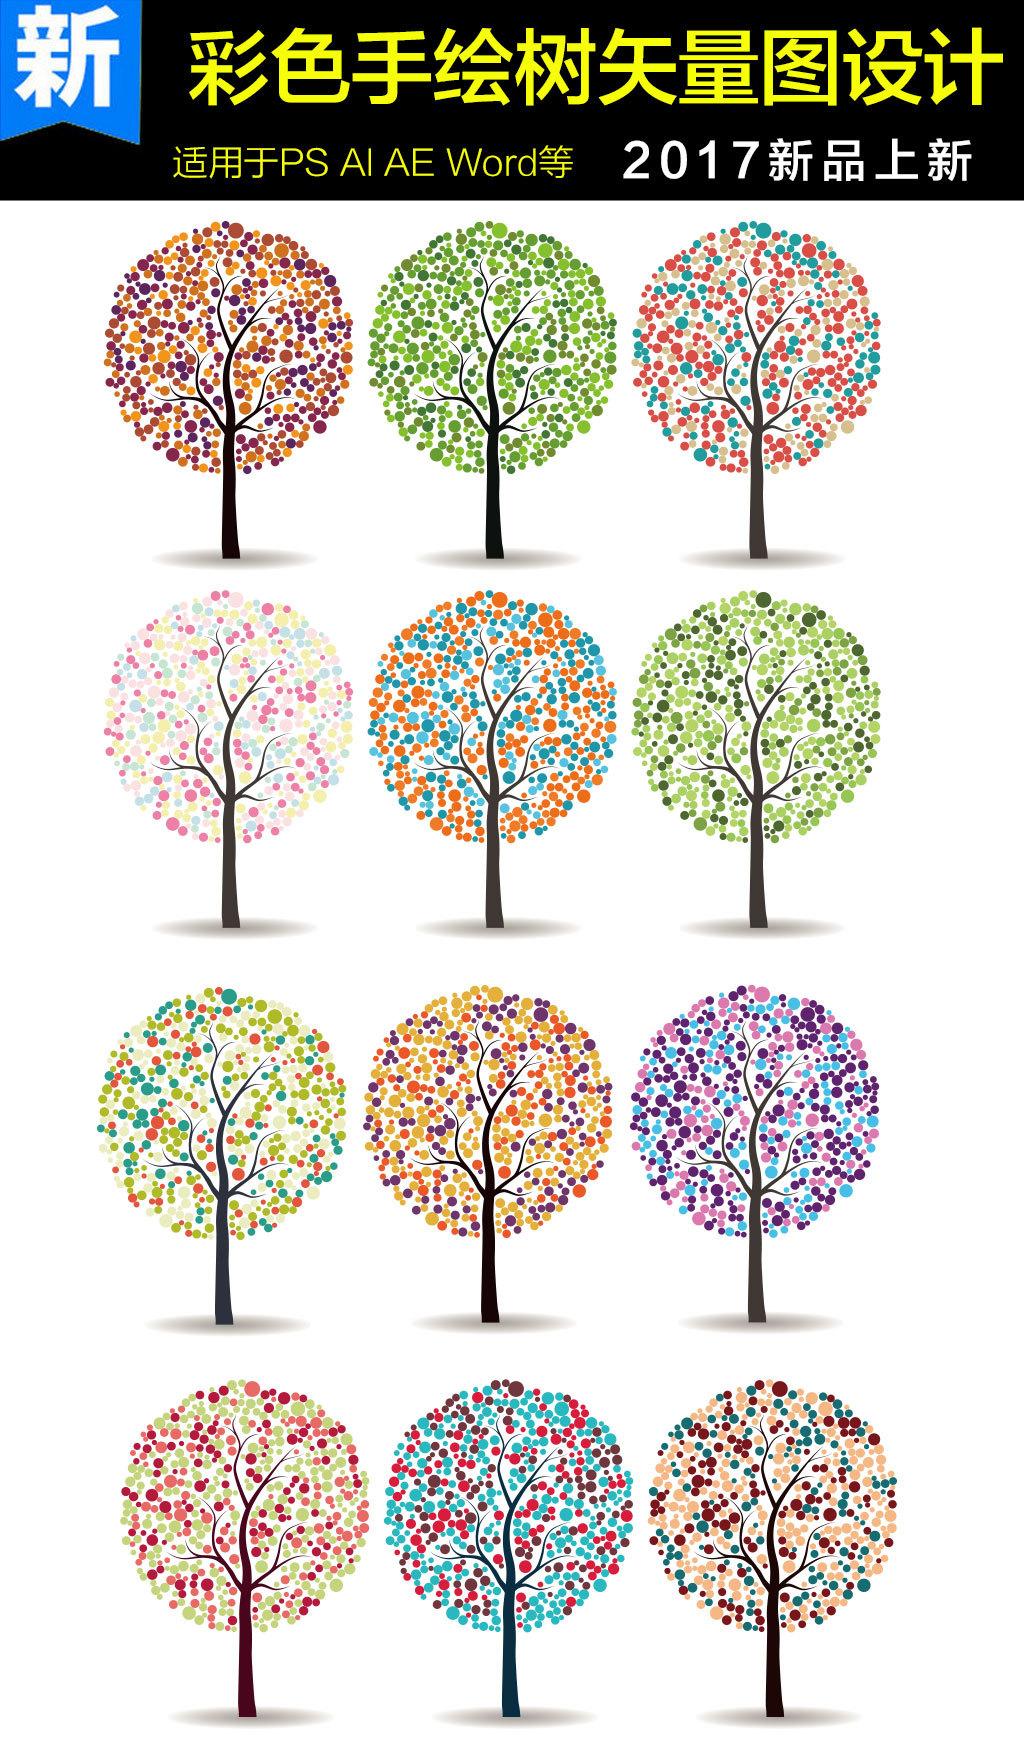 彩色手绘树海报设计矢量图图片素材_高清其他模板下载